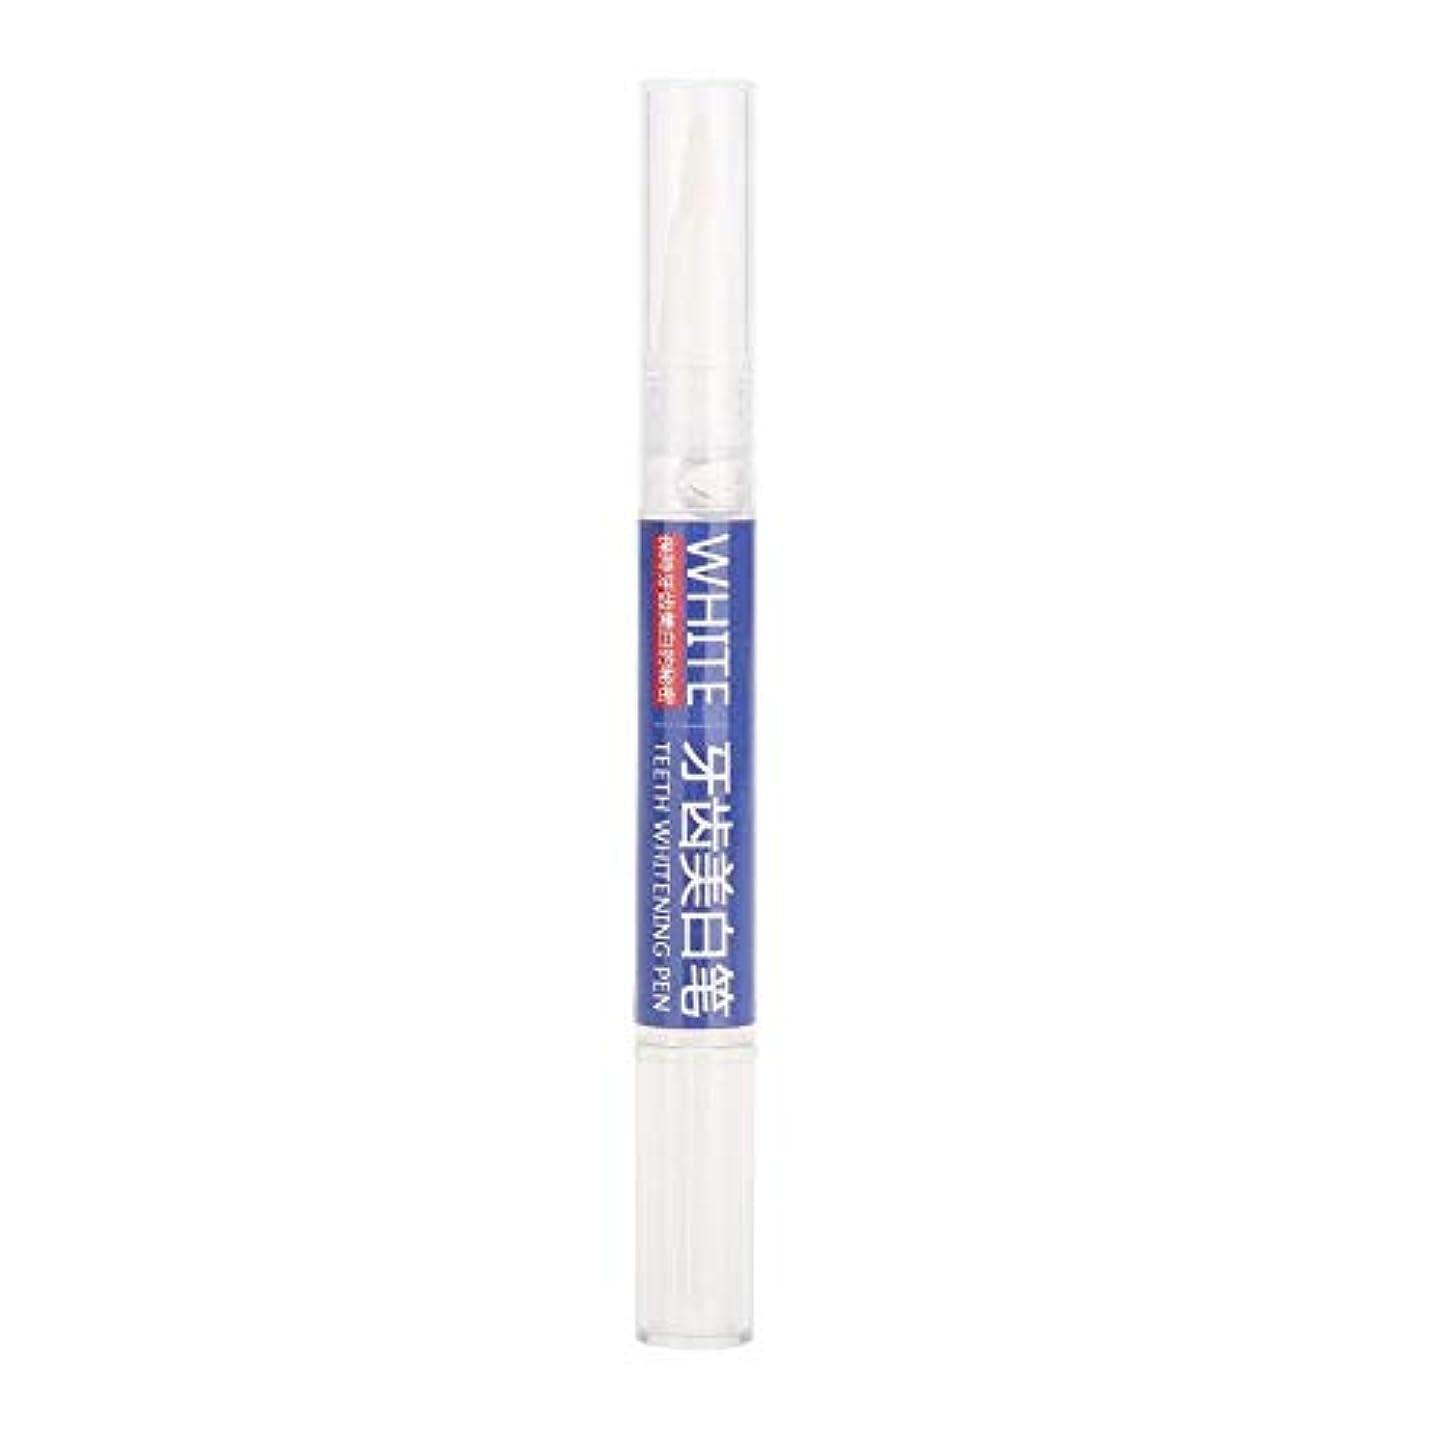 不完全な深める予測子ホワイトニングトゥースペン3mlイエロートゥースシガレット汚れ除去ホワイトニングホワイトニングトゥースジェルペン